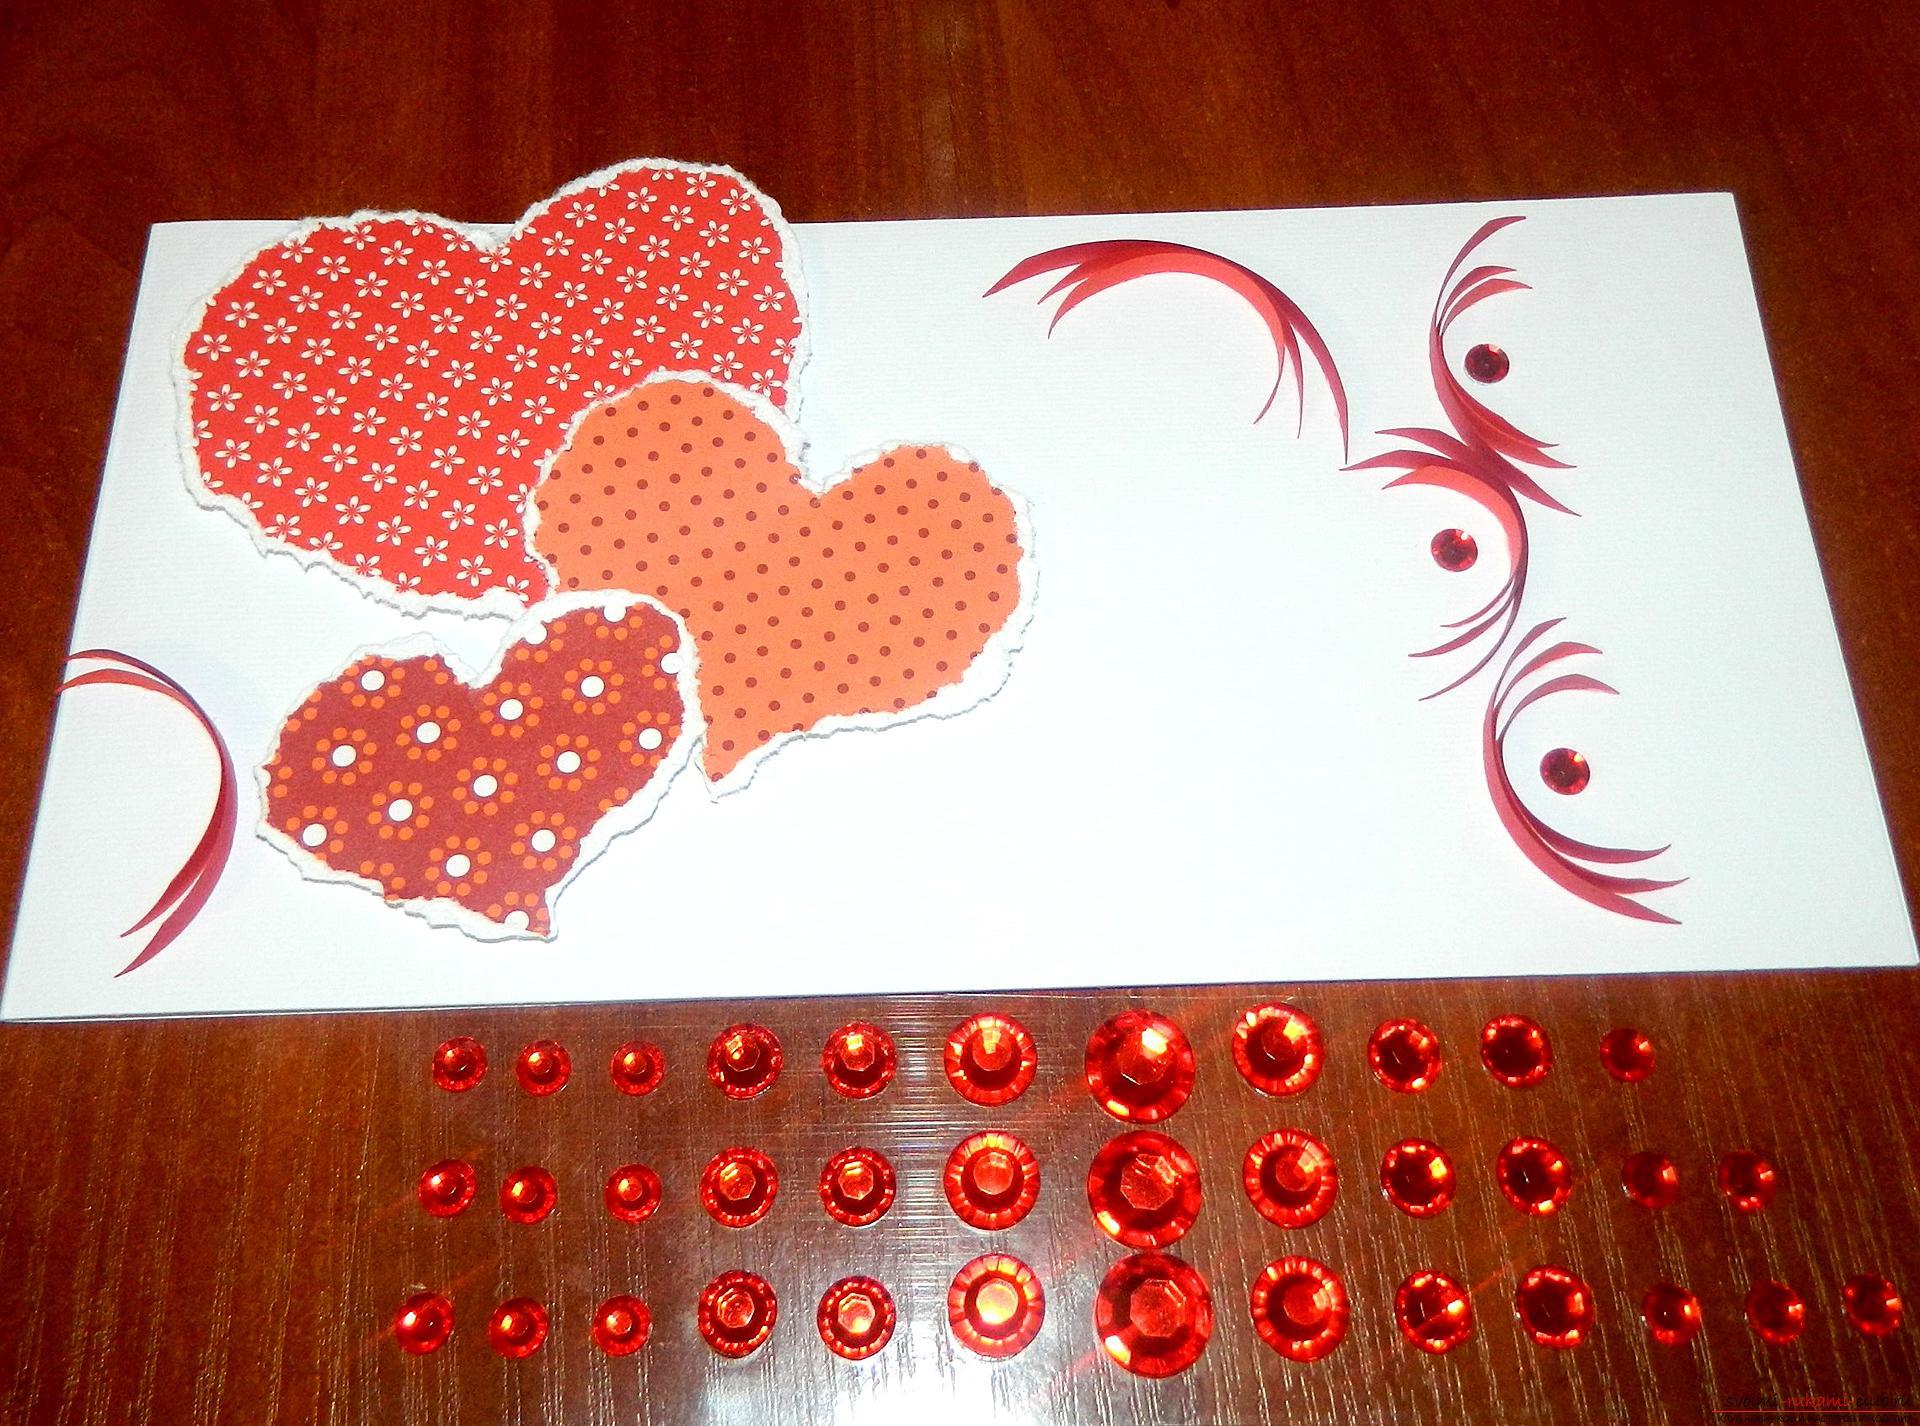 день валентина открытки своими руками что